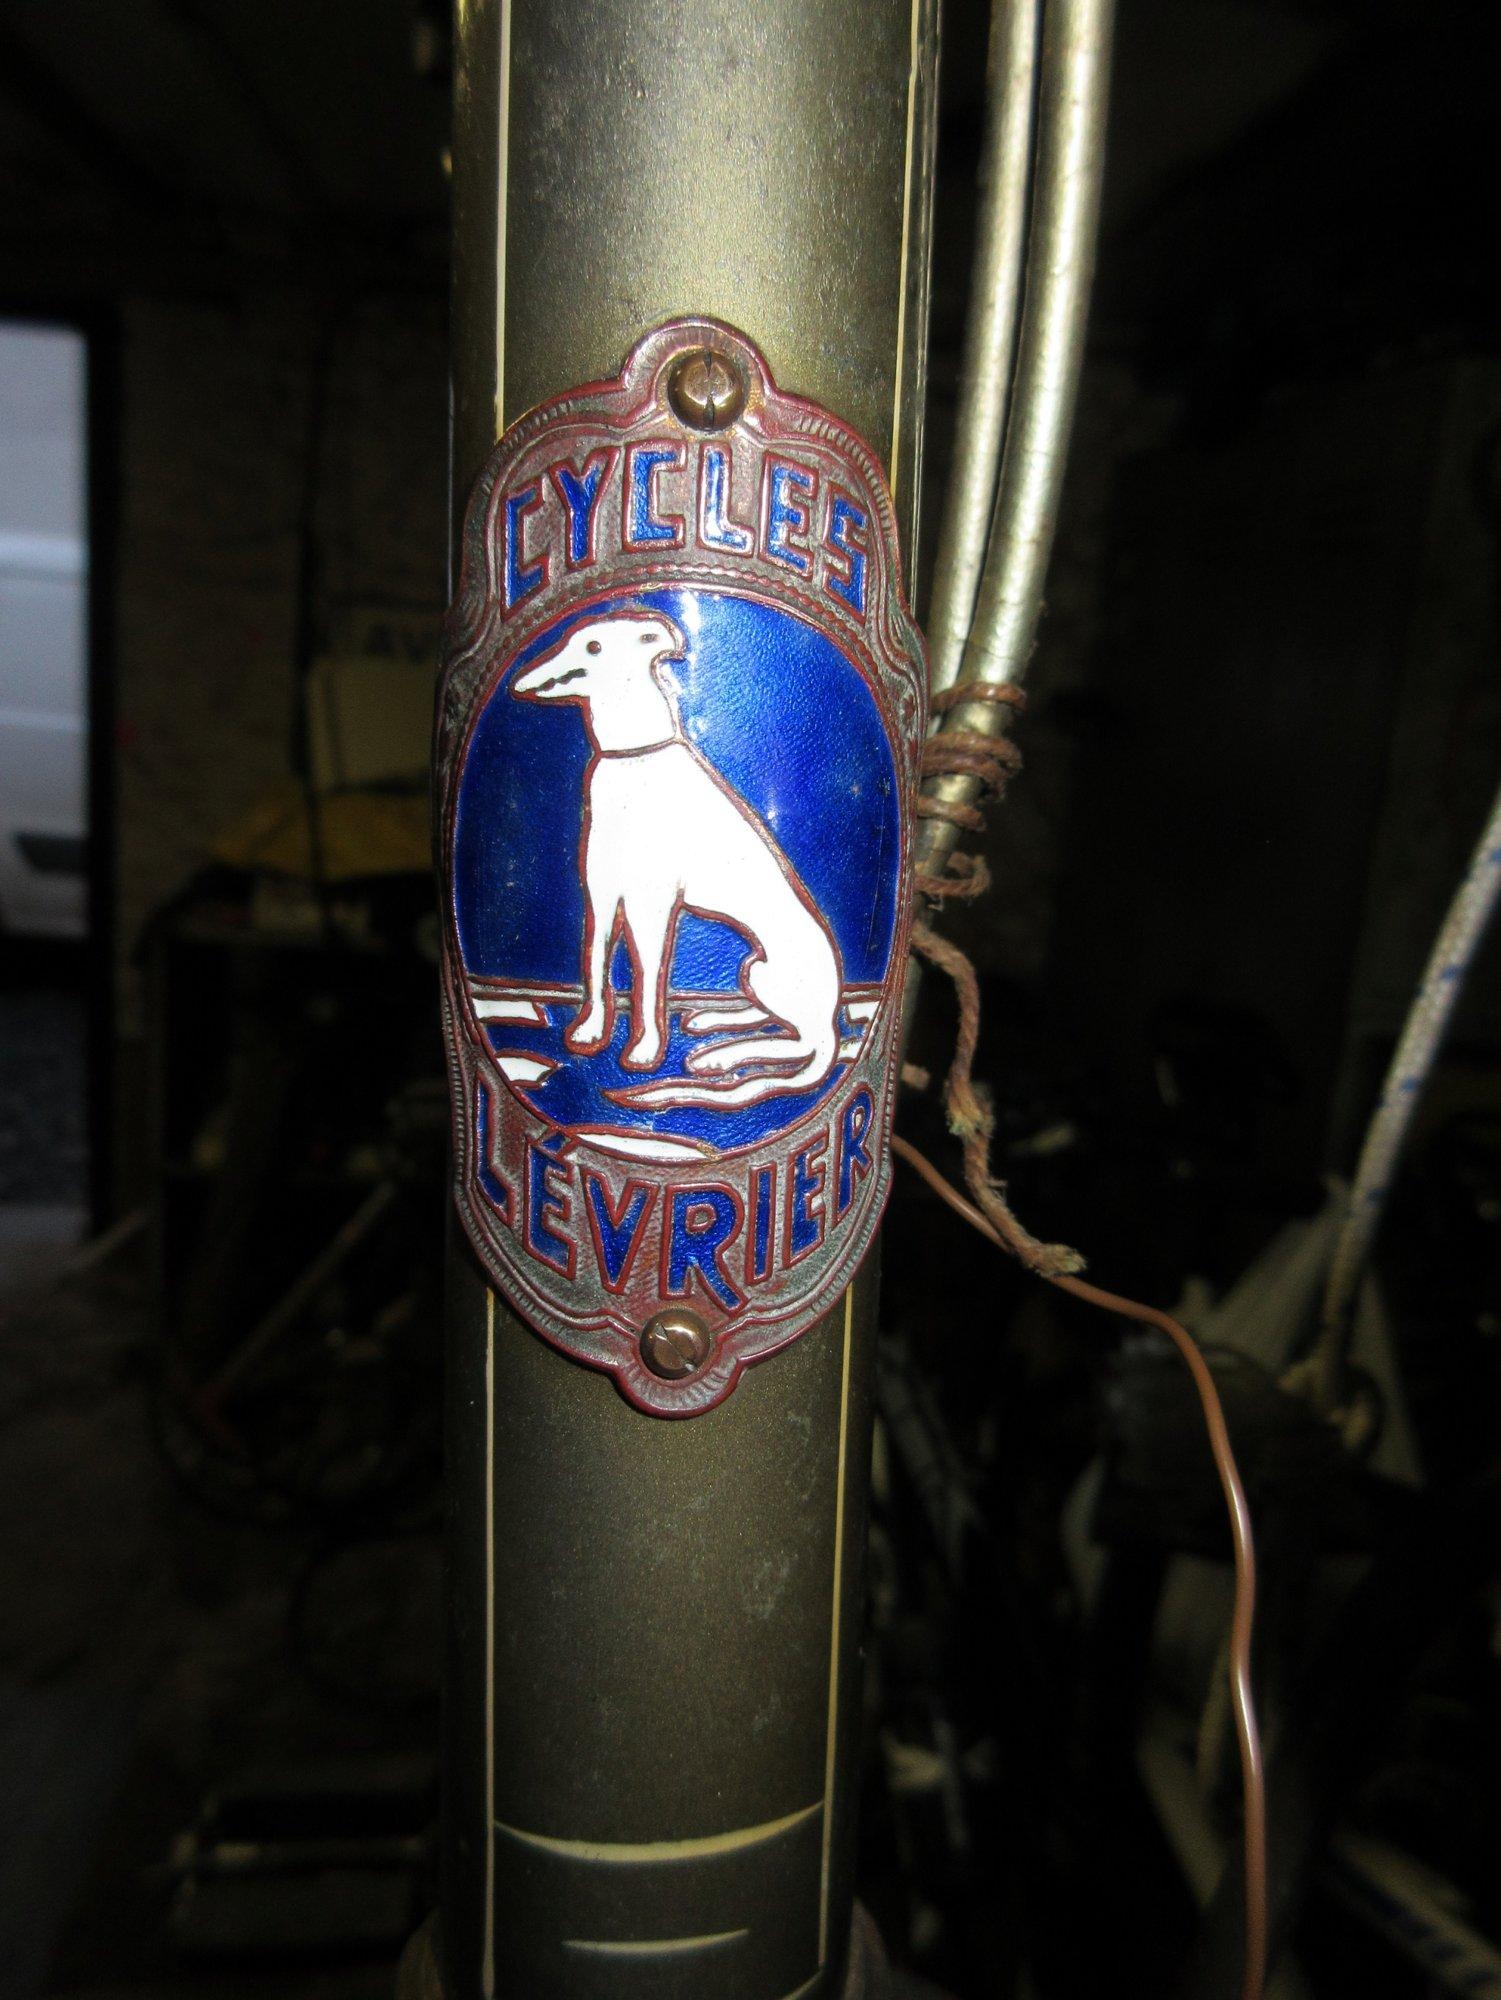 Cycles Levrier headplate, Belgium  .jpg